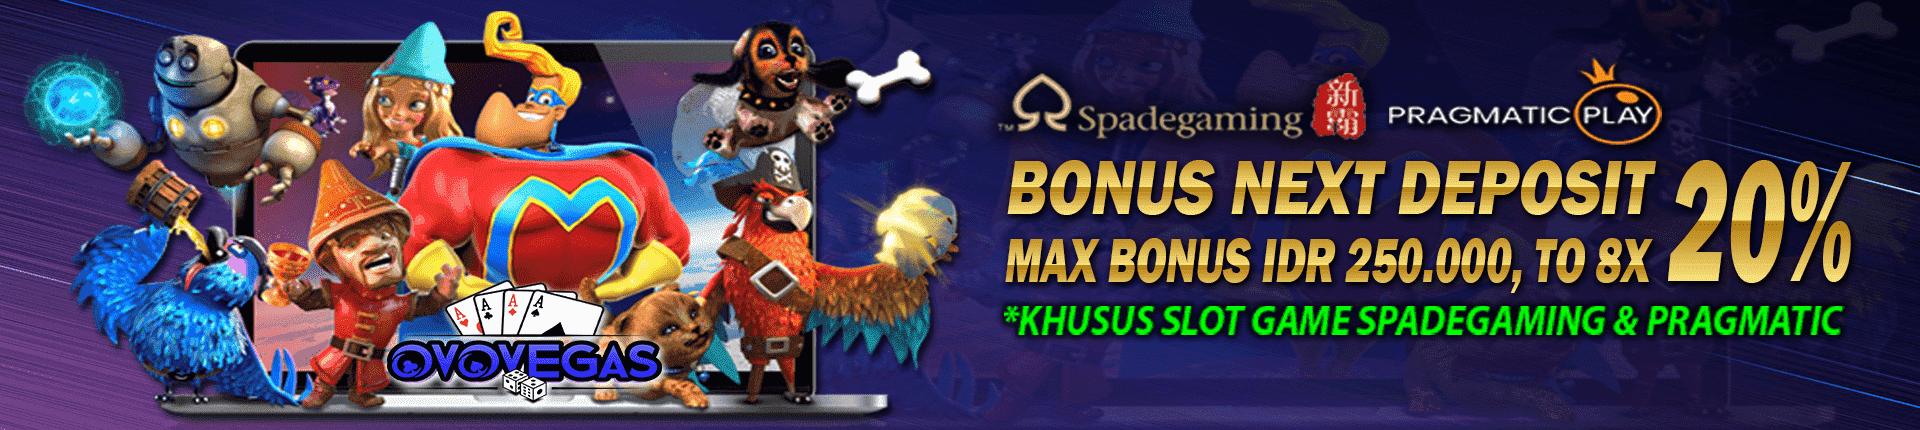 deposit bonus 20% ovovegas